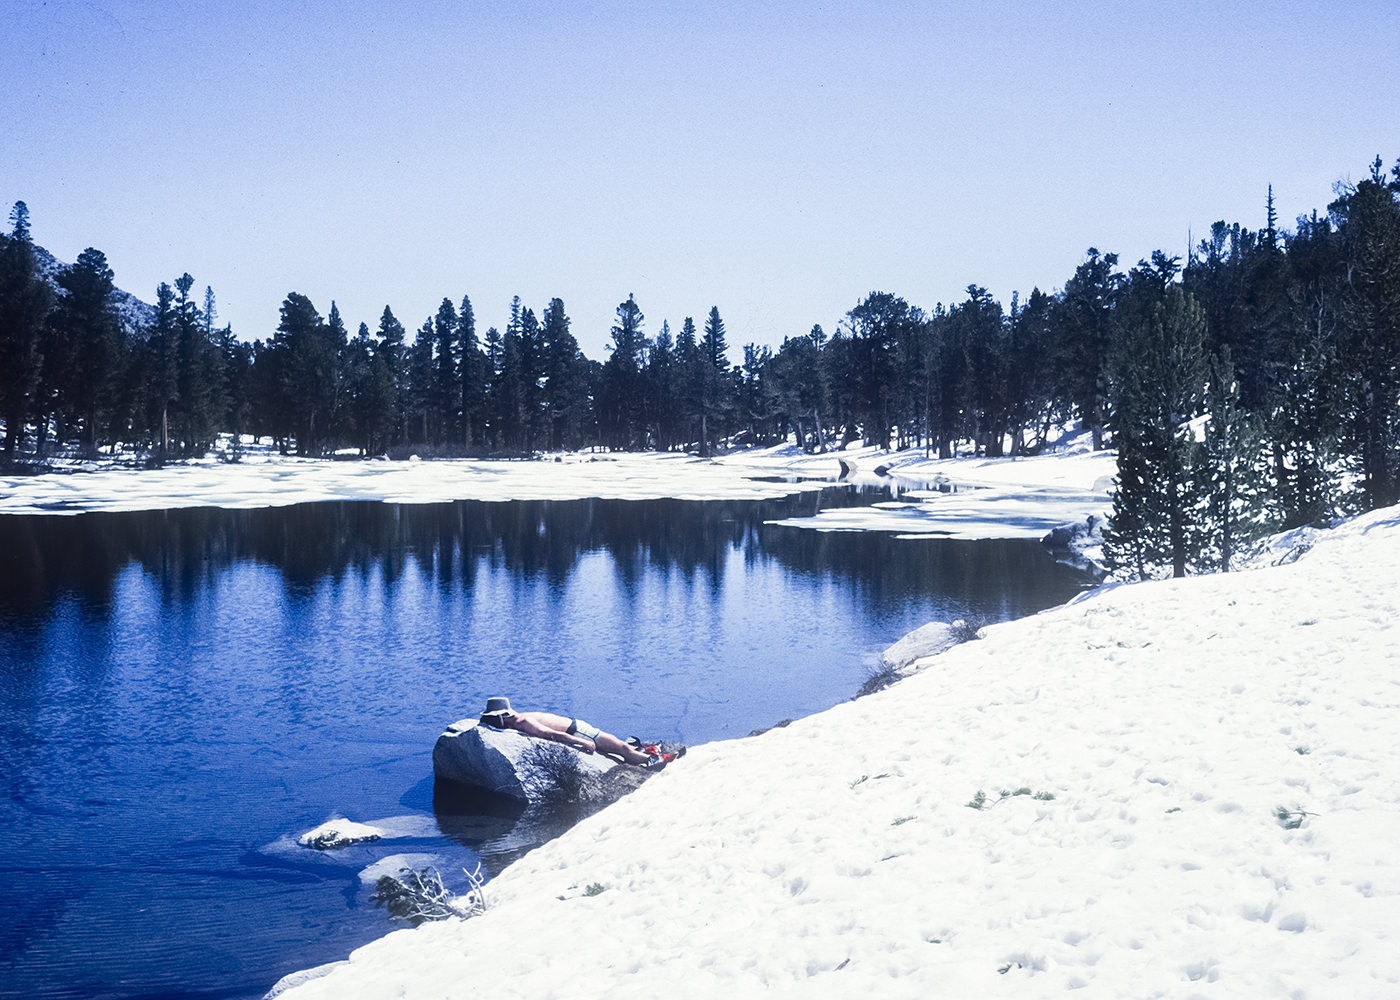 sierra-snow-camp-53.jpg